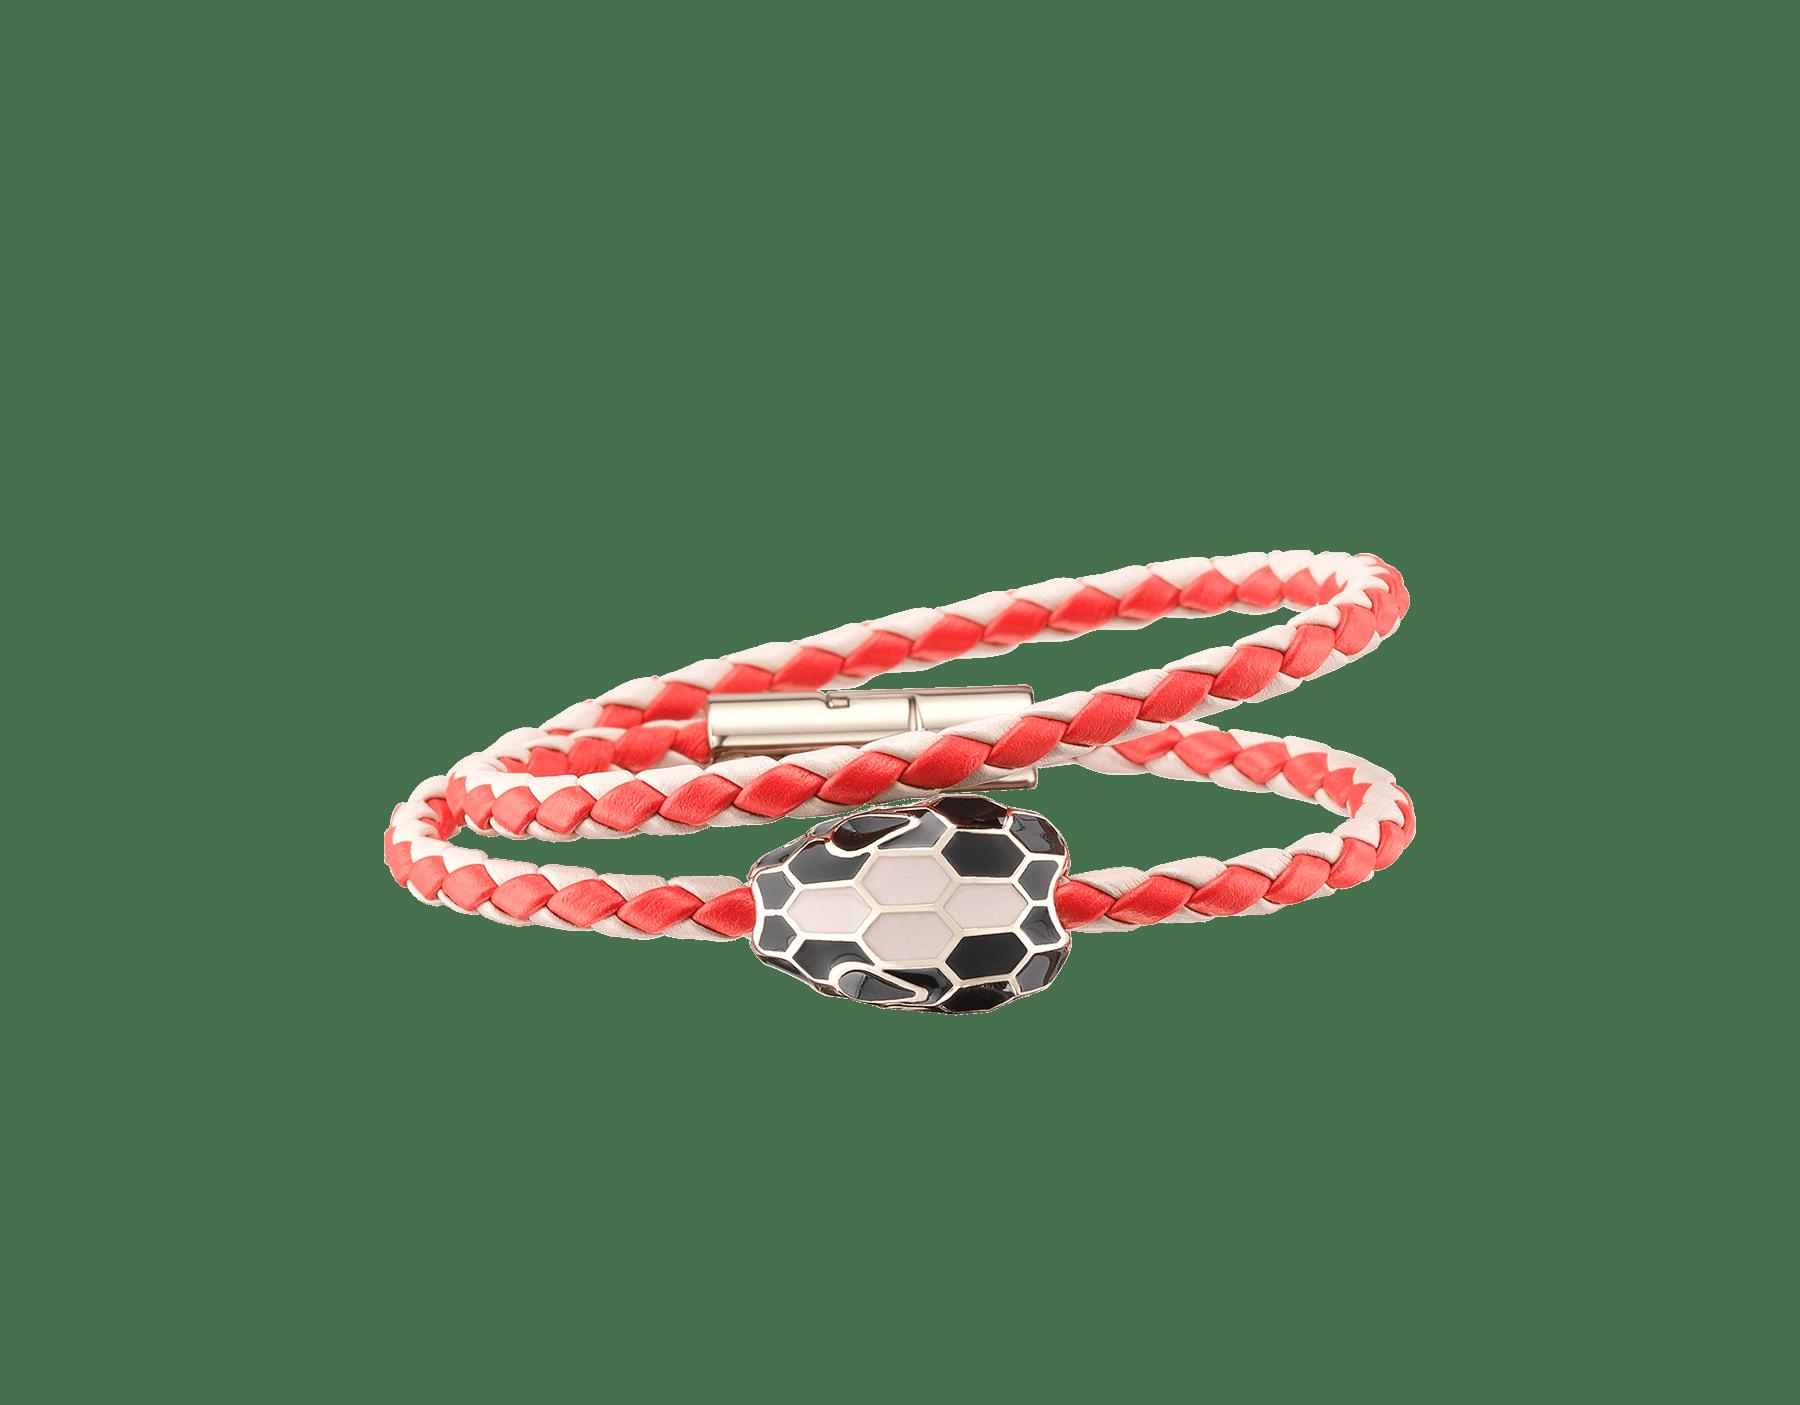 Pulsera trenzada Serpenti Forever de varias vueltas en piel de becerro tejida colores coral estrella de mar y ópalo lechoso con un emblemático motivo de cabeza de serpiente en esmalte negro y color ópalo lechoso. 288354 image 1